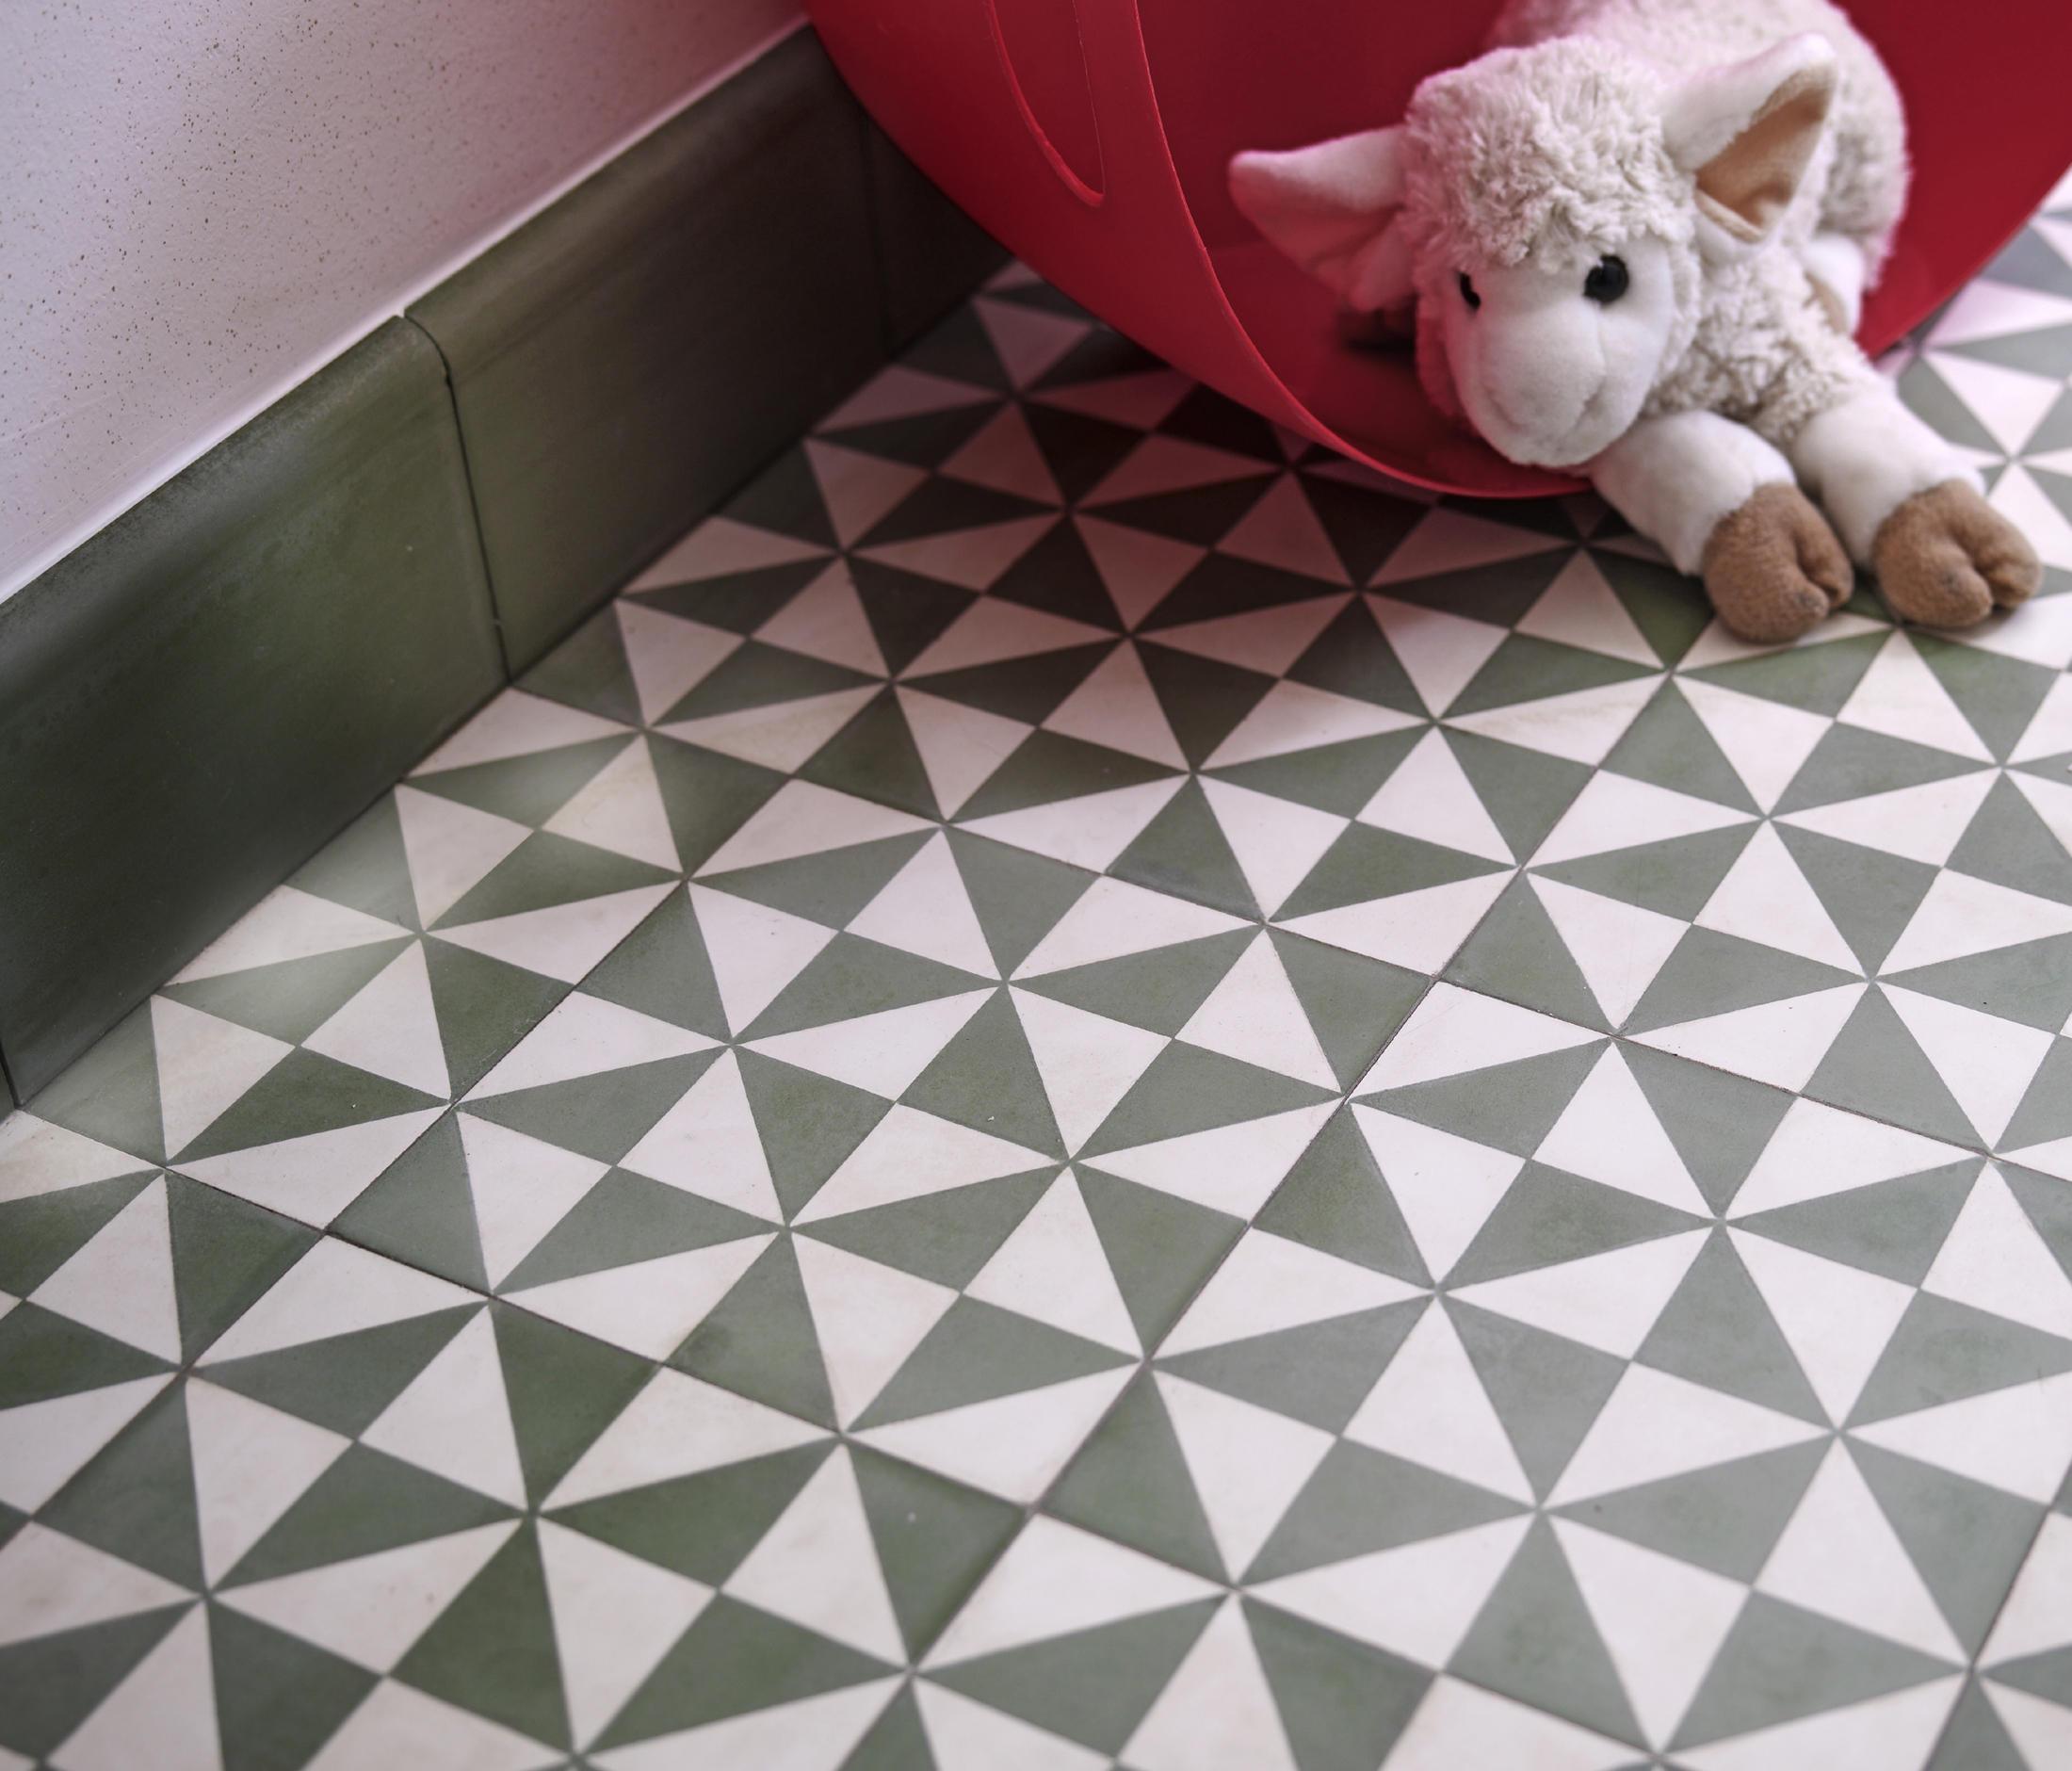 Via Zementfliesen cement tile concrete cement flooring from via architonic